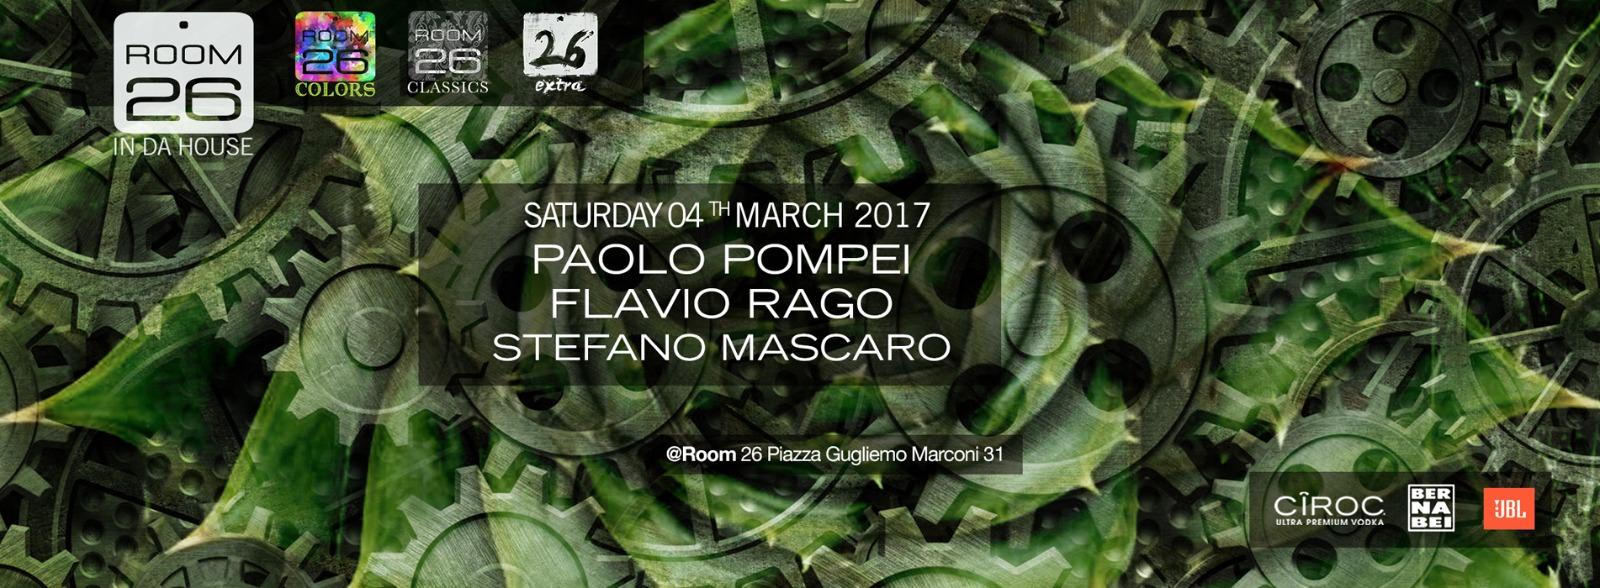 Sabato 4 Marzo 2017 Room 26 lista e privè discoteche Roma